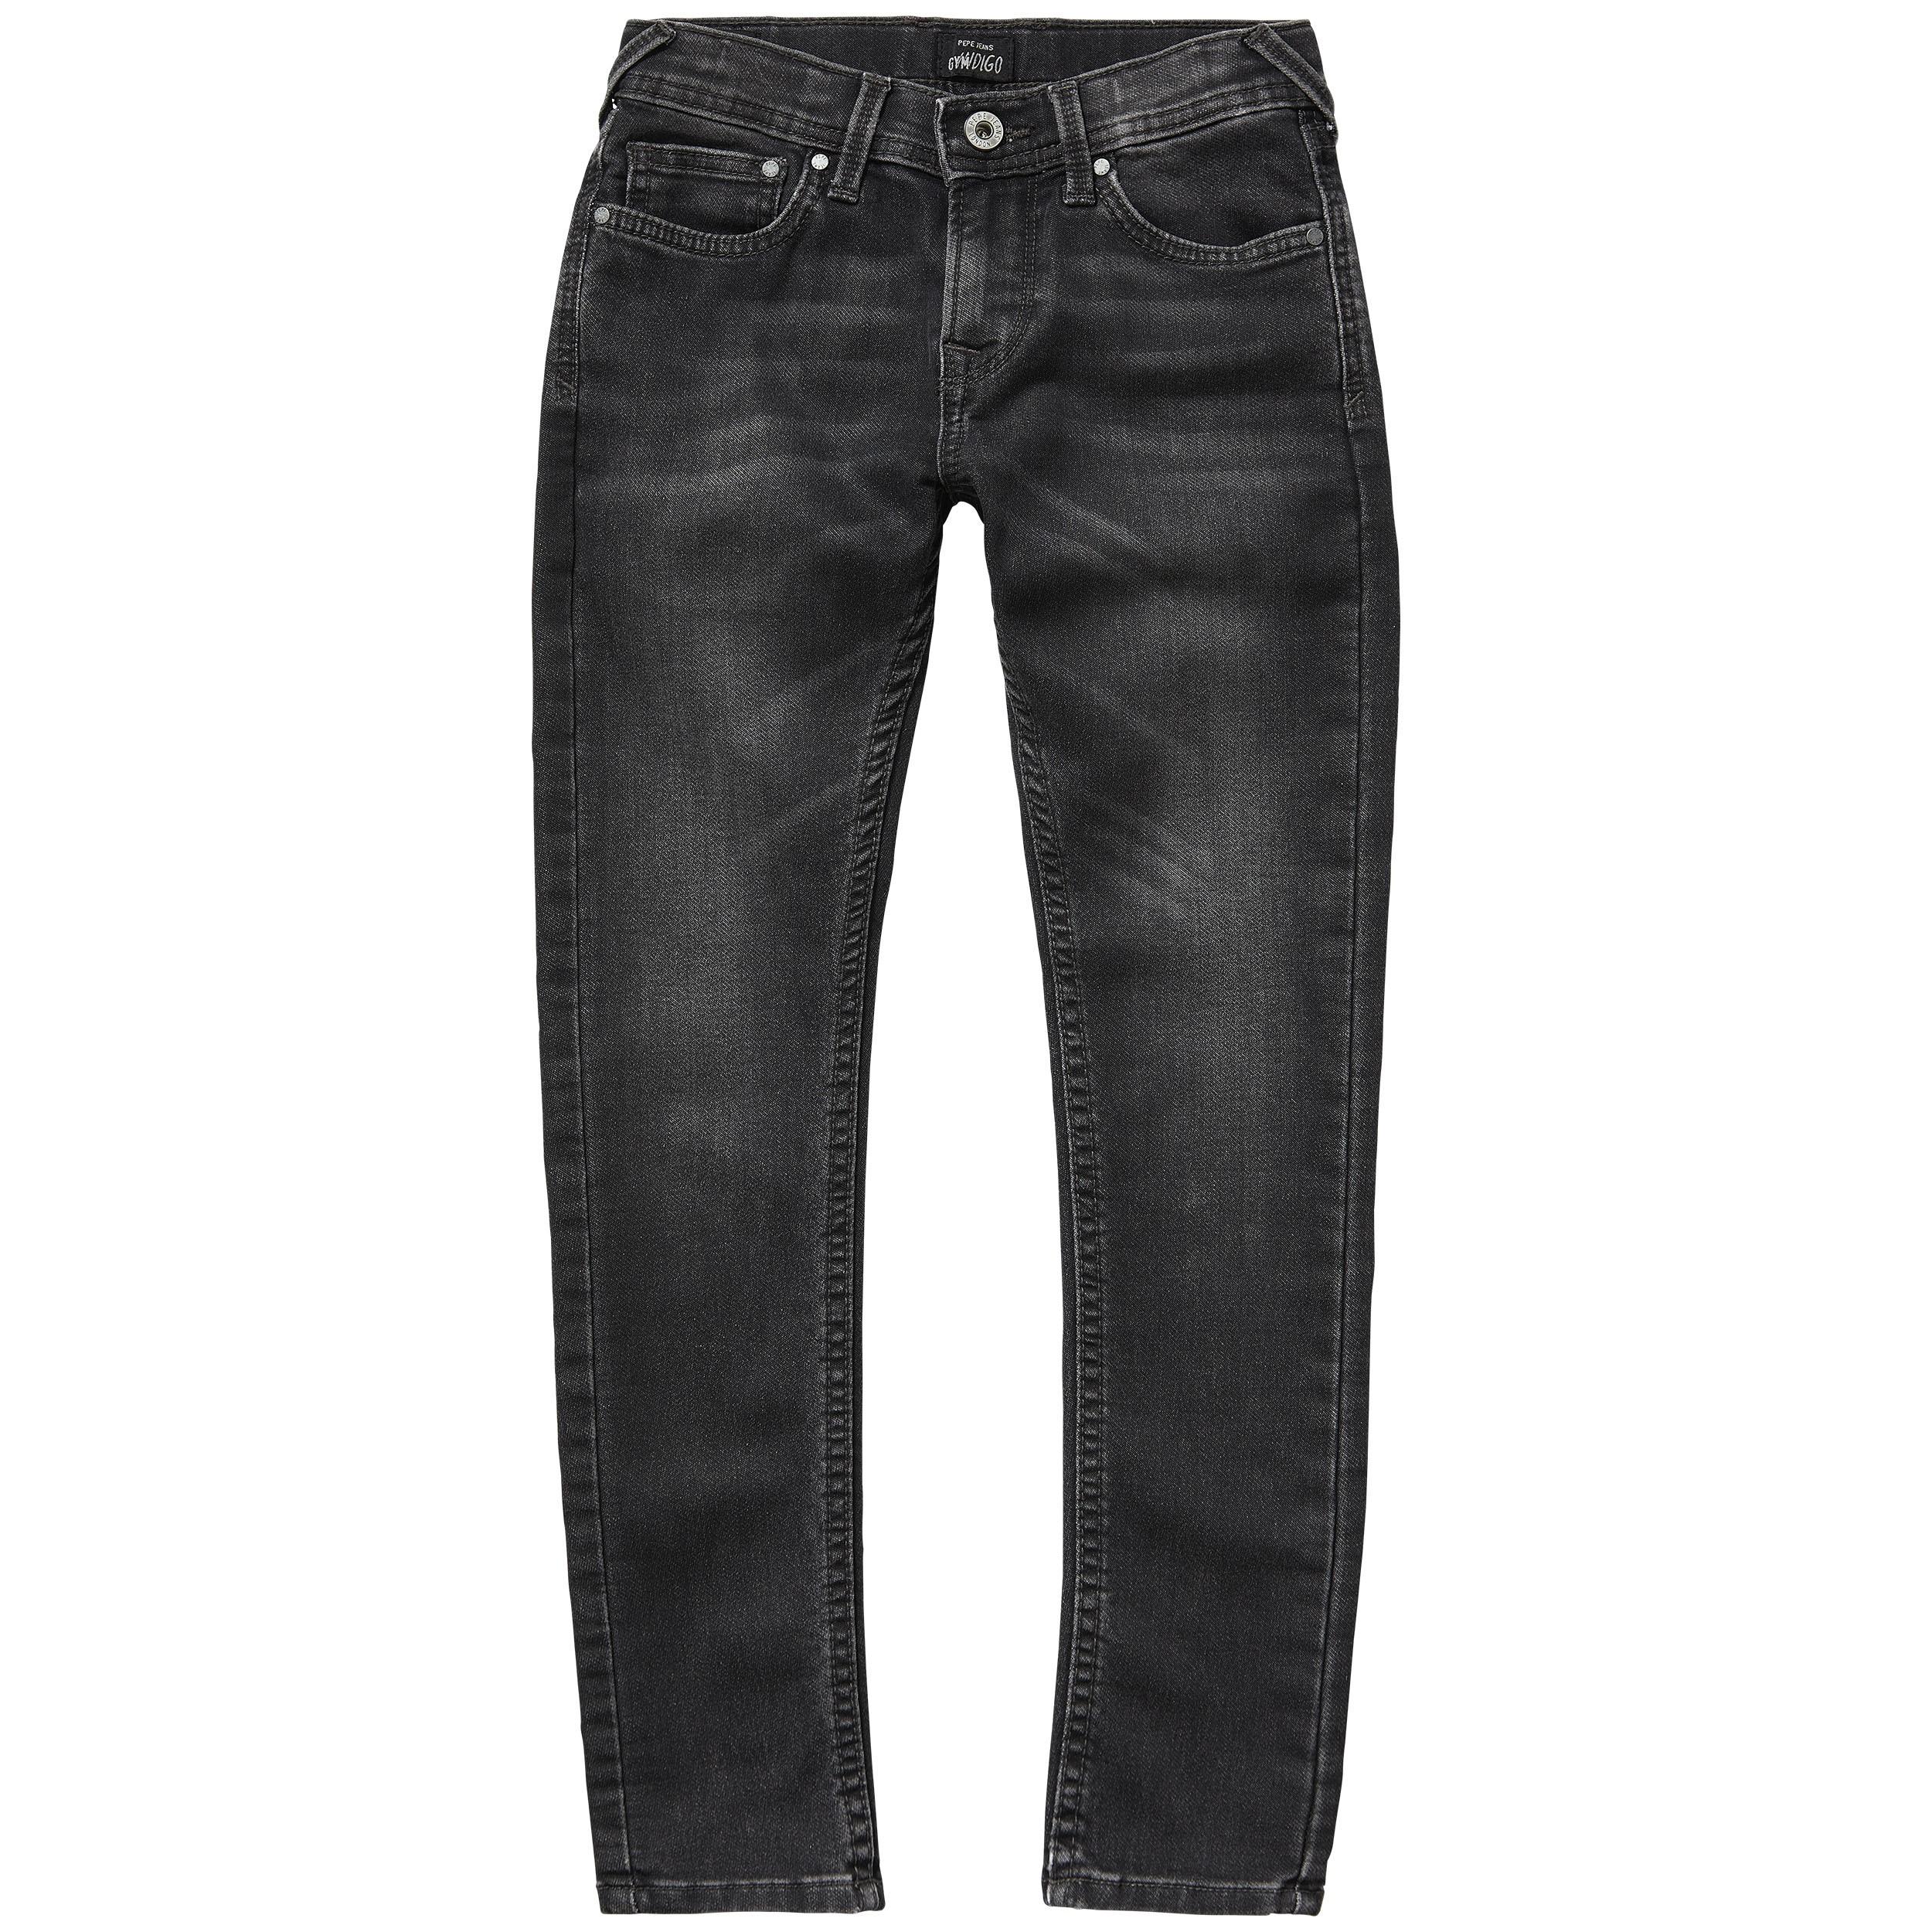 596c0e40ea2 Jeans Enfant Pepe Jeans Finly - Galerie-Chic